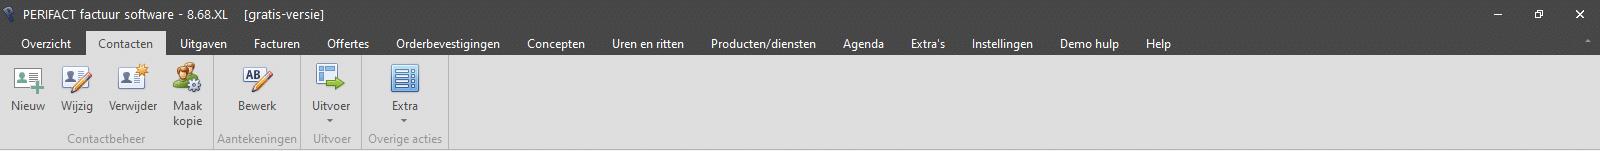 PERIFACT factuur programma, menu onderdeel CONTACTEN